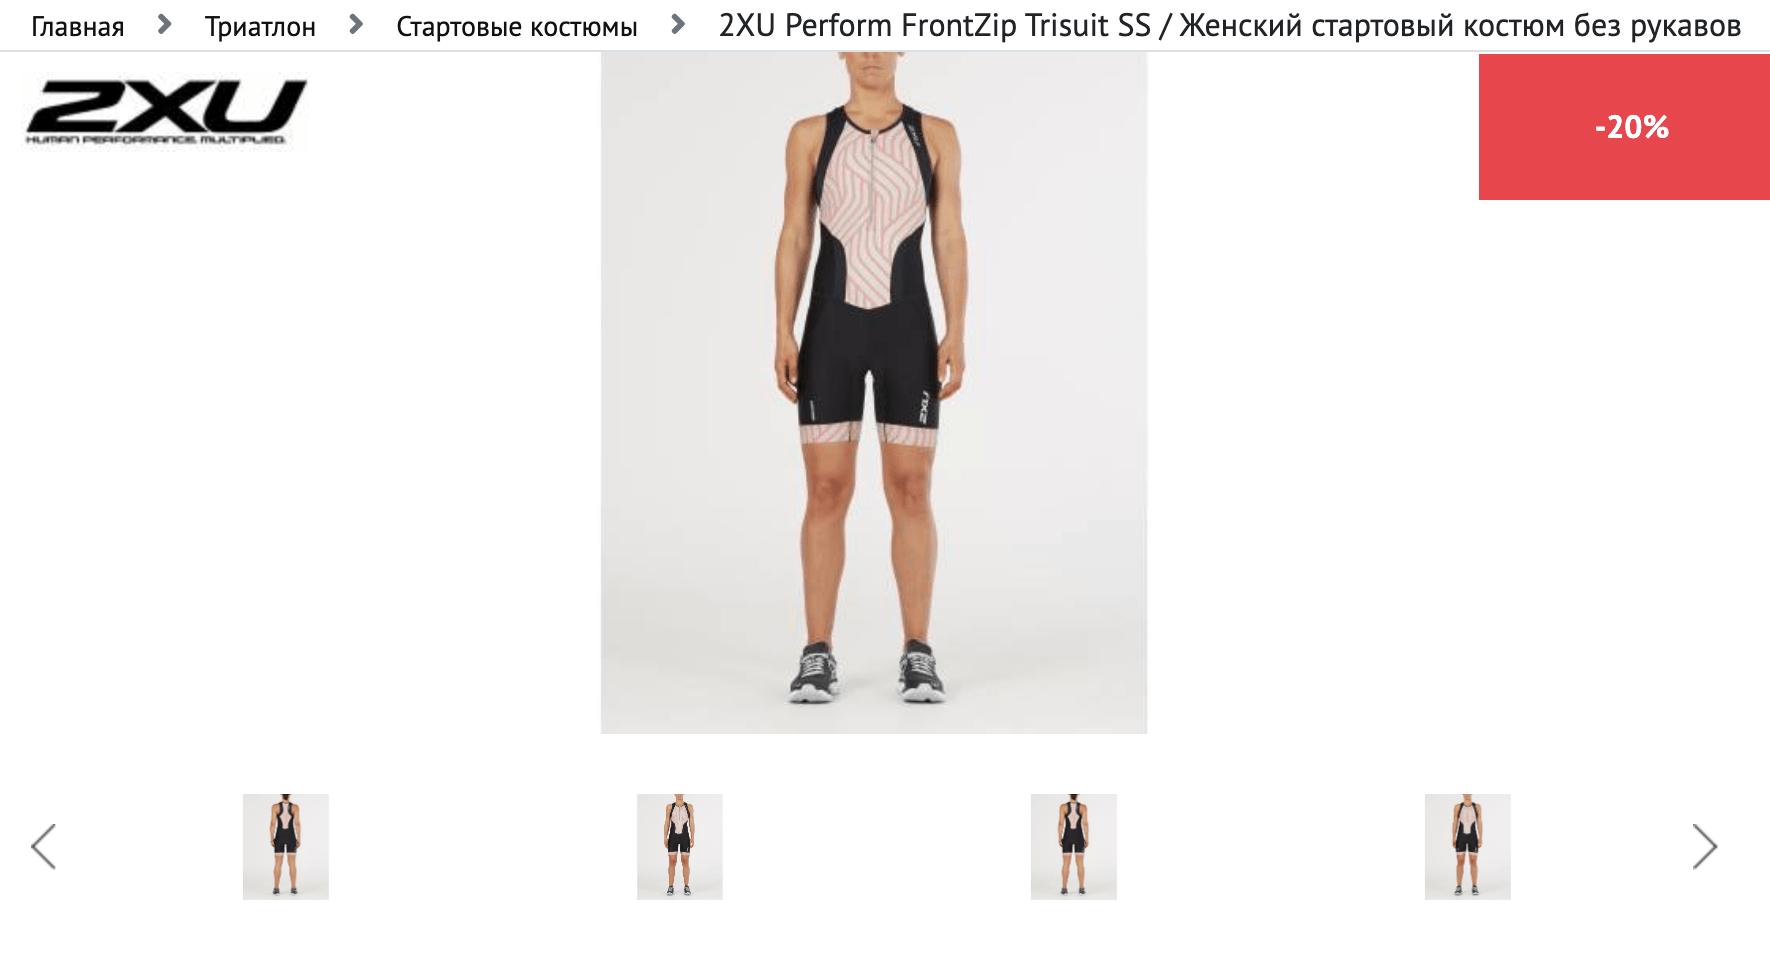 2XU Perform FrontZip TrisuitSS — женский стартовый костюм безрукавов. Он сделан из ткани с охлаждающим эффектом и отведением влаги от кожи. Плотные детали костюма сокращают колебание мышц и уменьшают риск микротравм. Памперс запоминает комфортную посадку, поэтому в нем удобно плыть и ехать велосипеде